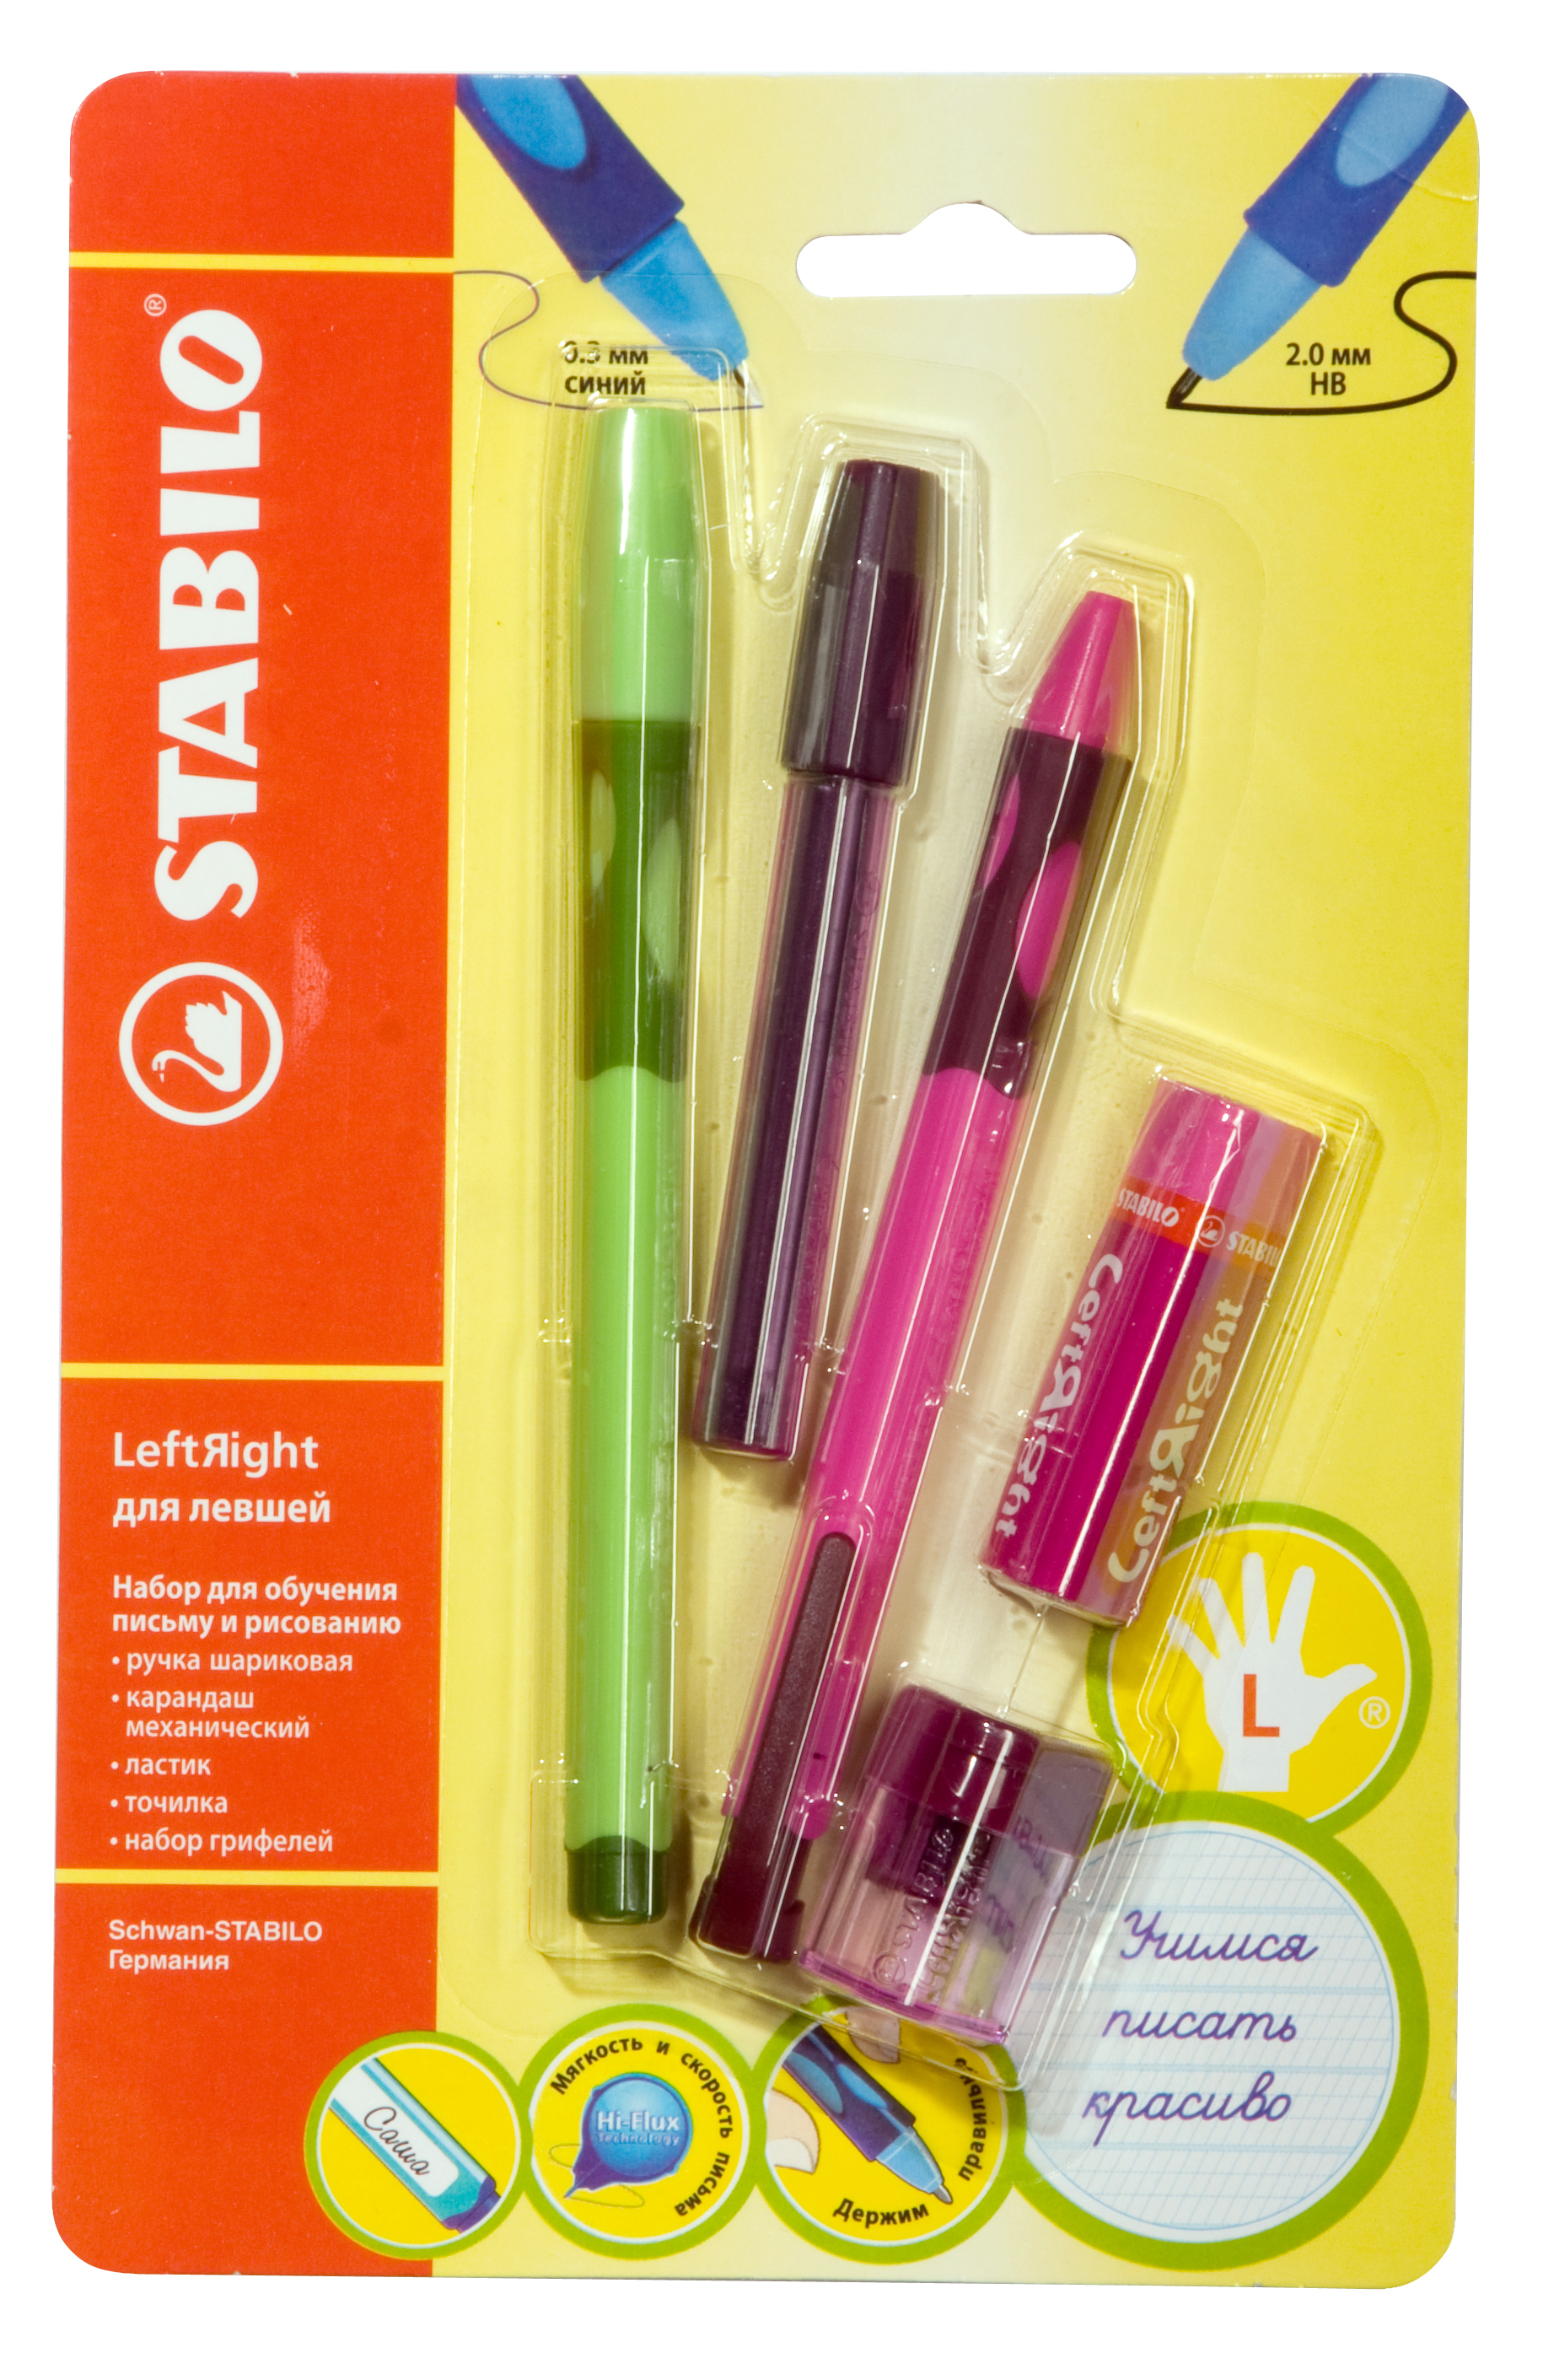 Stabilo Канцелярский набор Leftright для левшей, цвет: розовый зеленый, 5 предметов